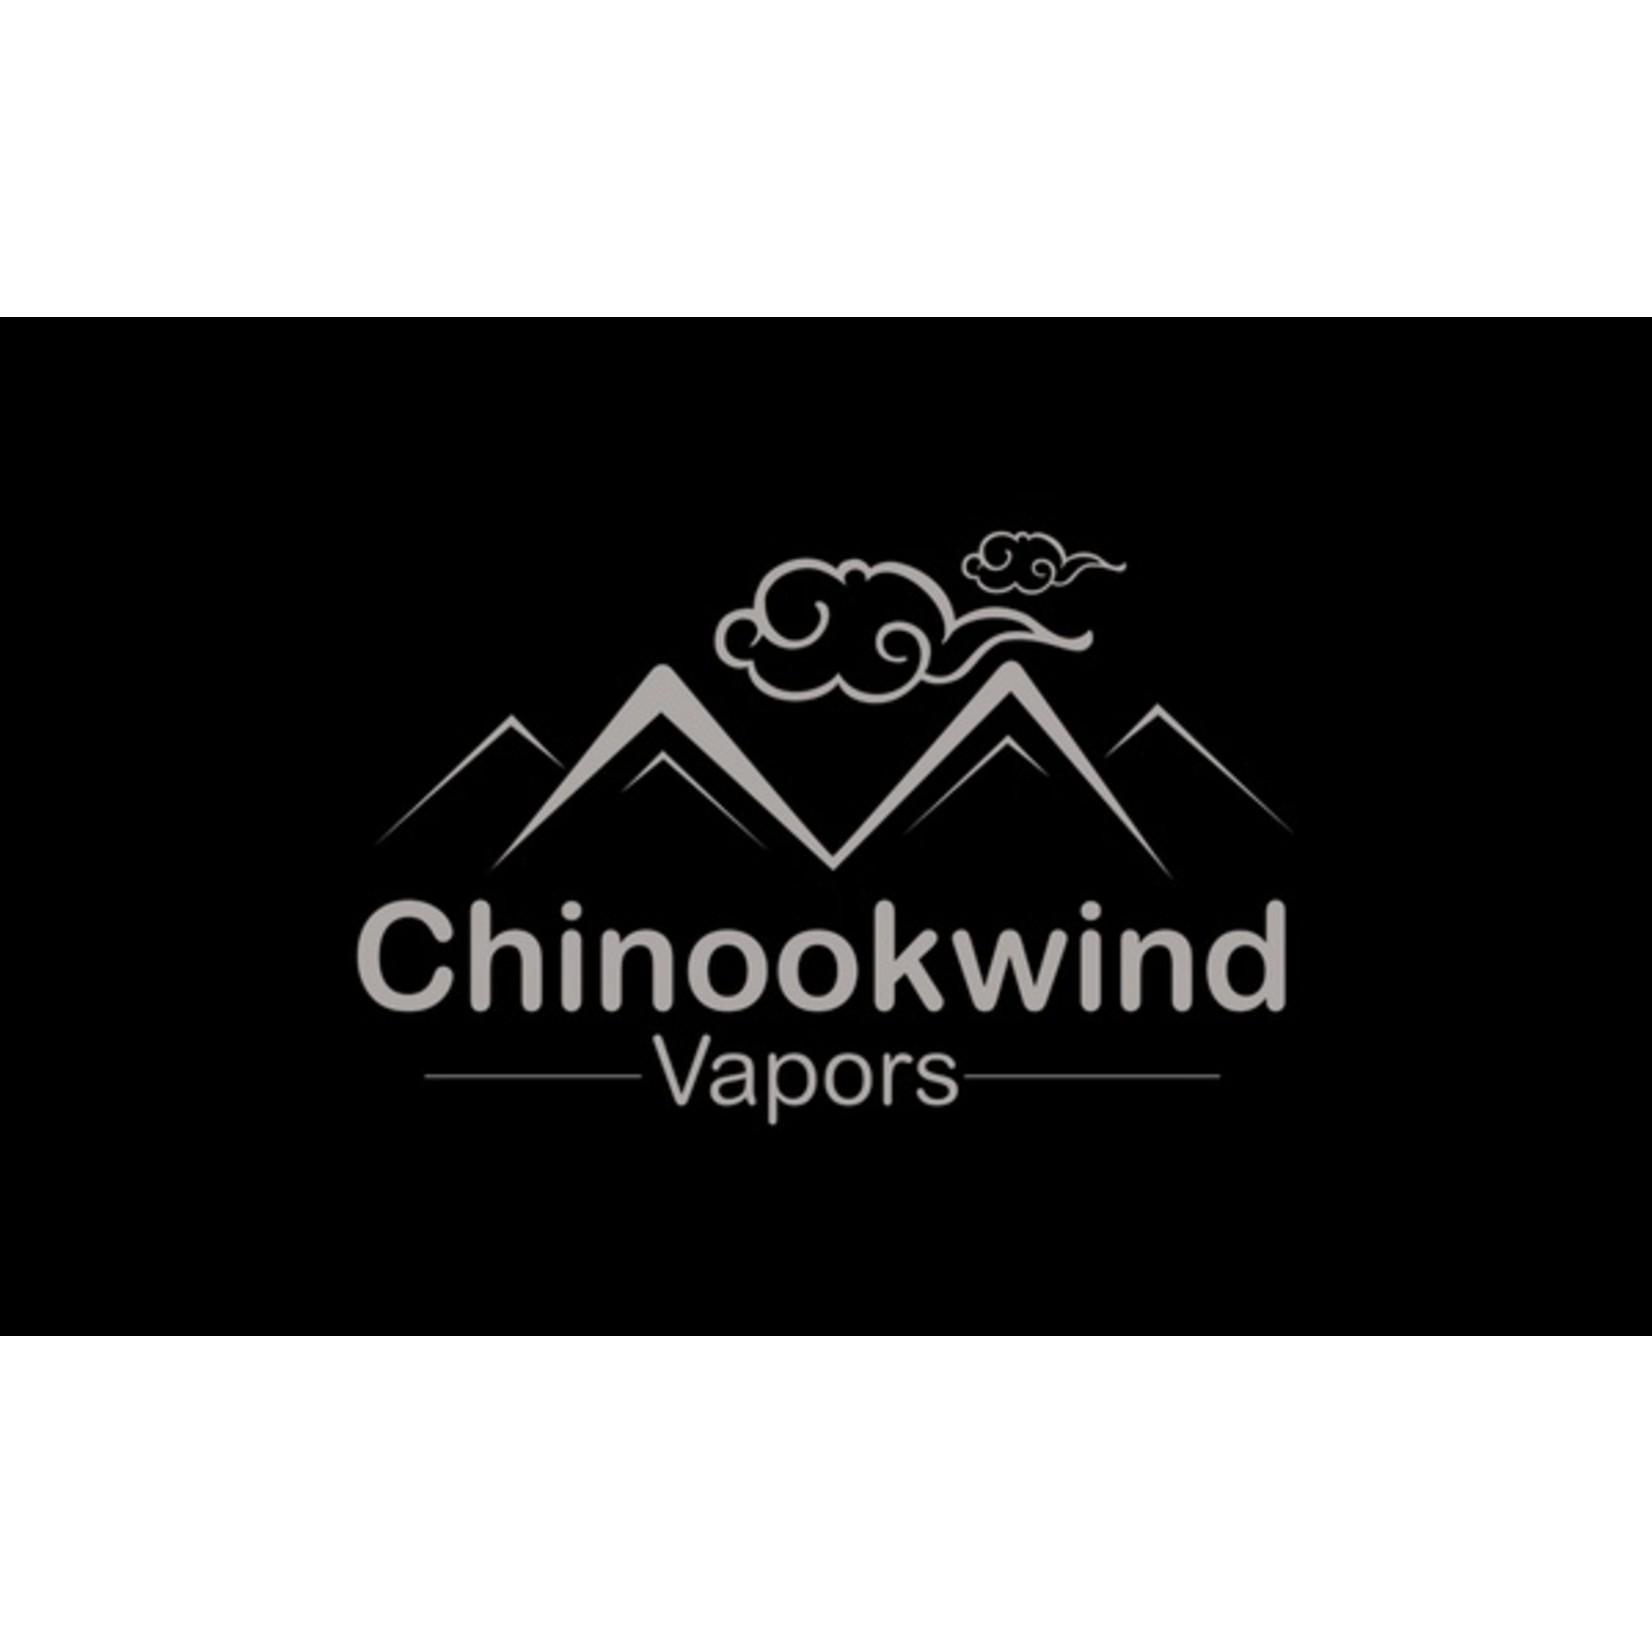 Chinookwind Vapor Berries